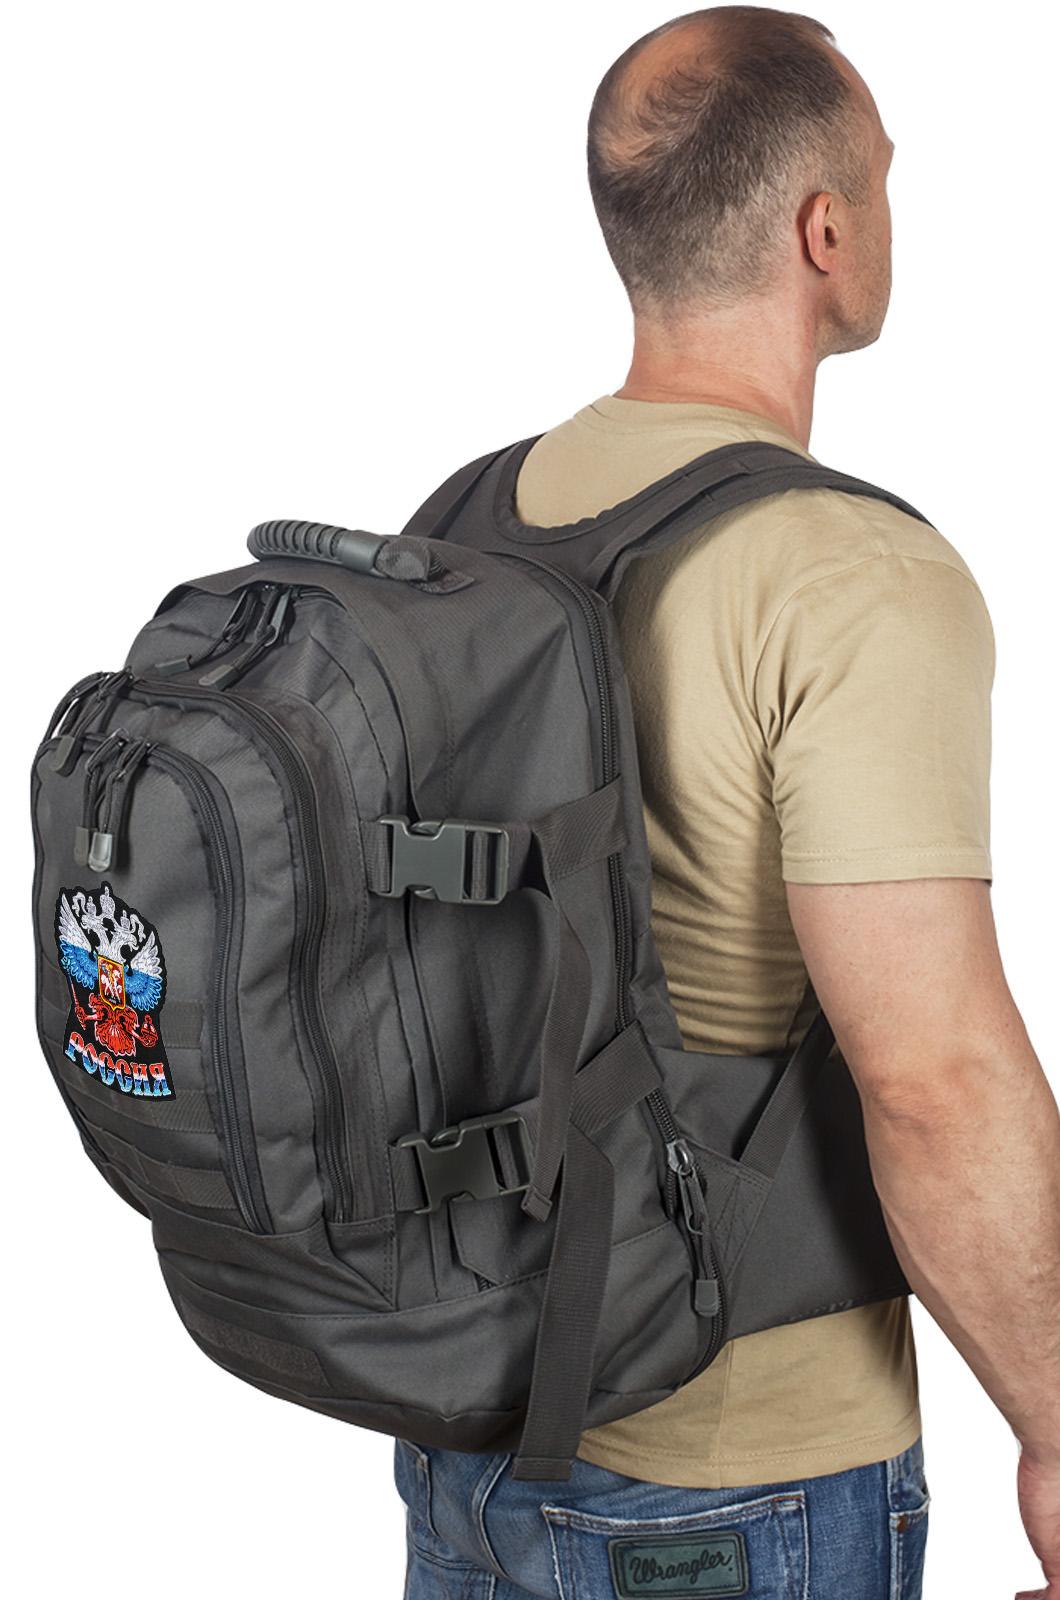 Городские рюкзаки хорошего качества – выбор современного мужчины